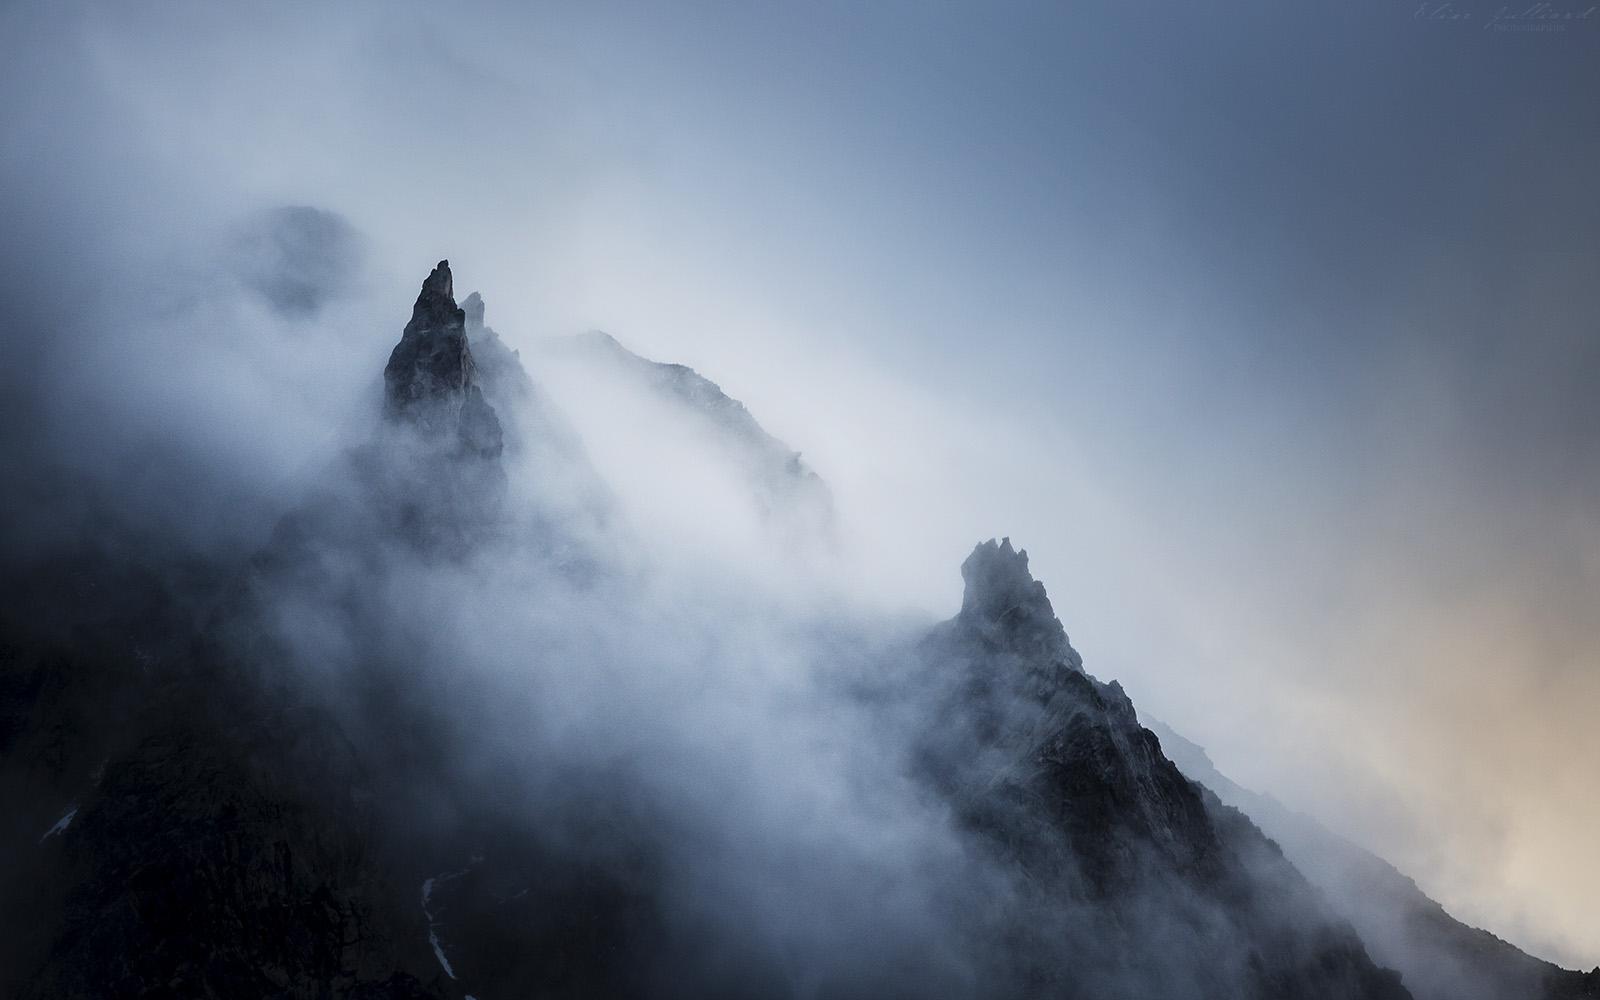 col-du-lautaret-glacier-meije-ecrins-paysage-hautes-alpes-montagne-la-grave-briancon-serre-chevalier-elise-julliard-photographe-2